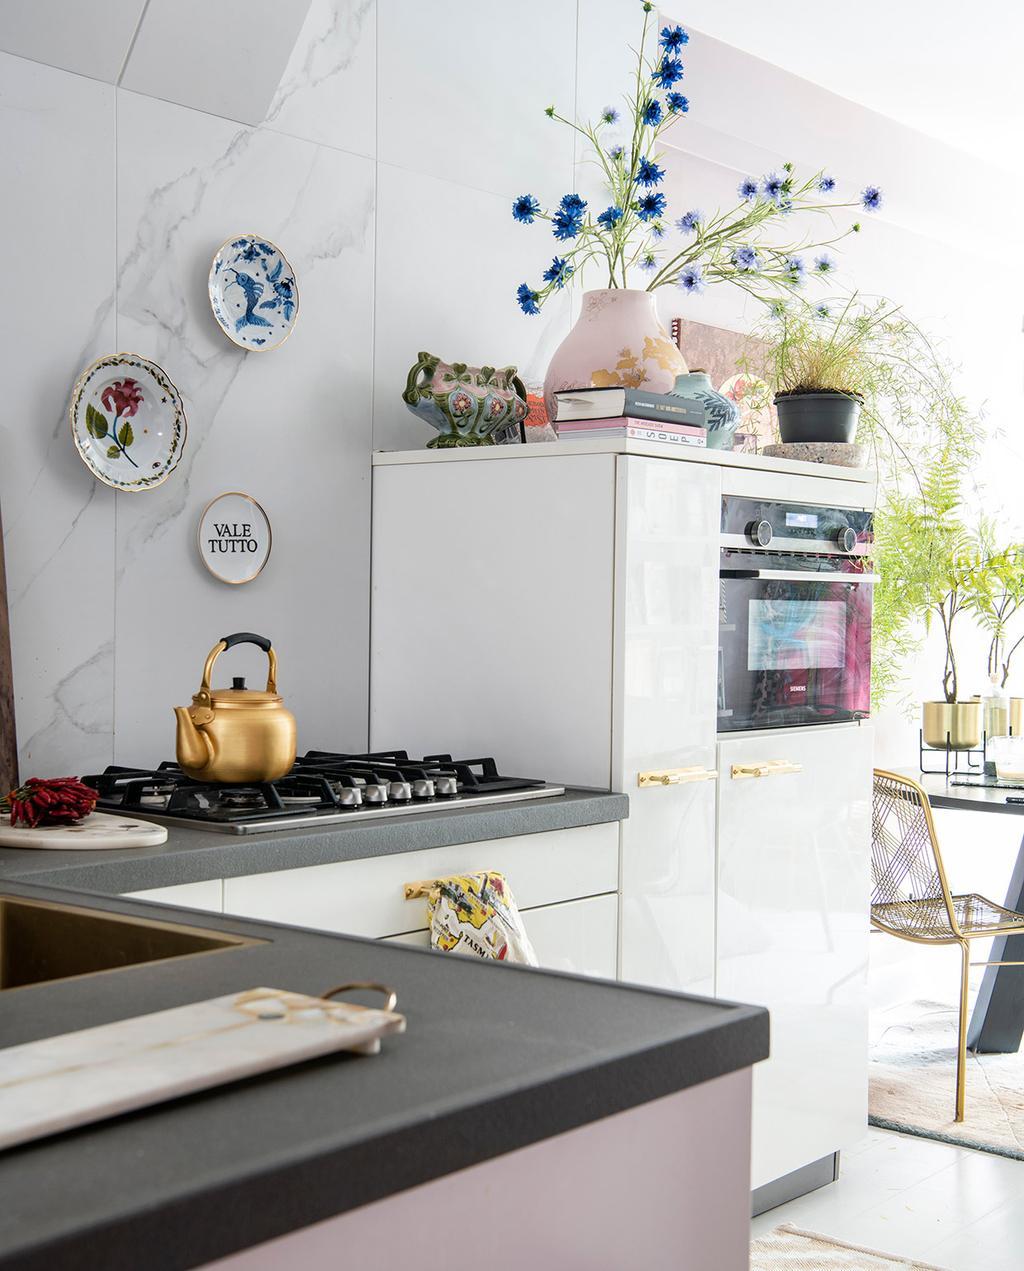 vtwonen 06-2021 | keuken witte koelkast en decoratie borden aan de wand met bloemen